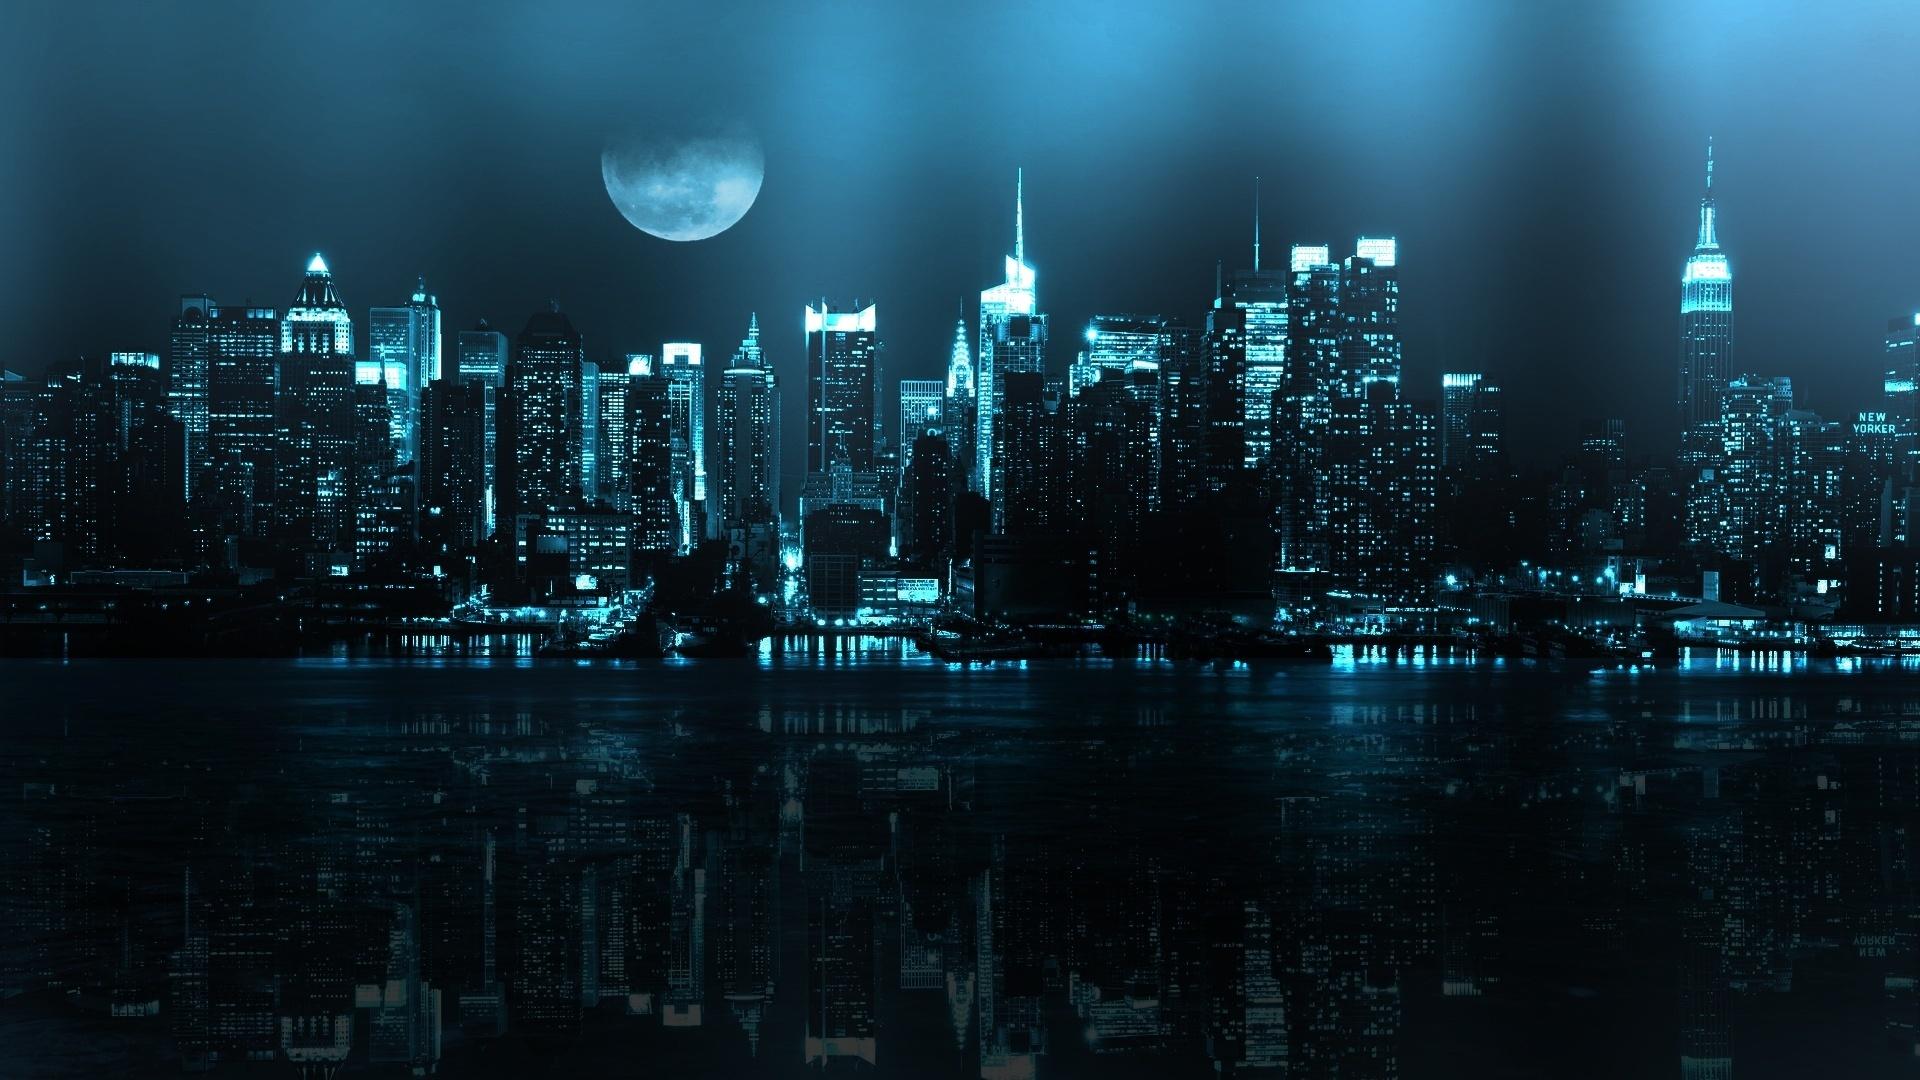 19229 скачать обои Пейзаж, Города, Ночь, Луна - заставки и картинки бесплатно